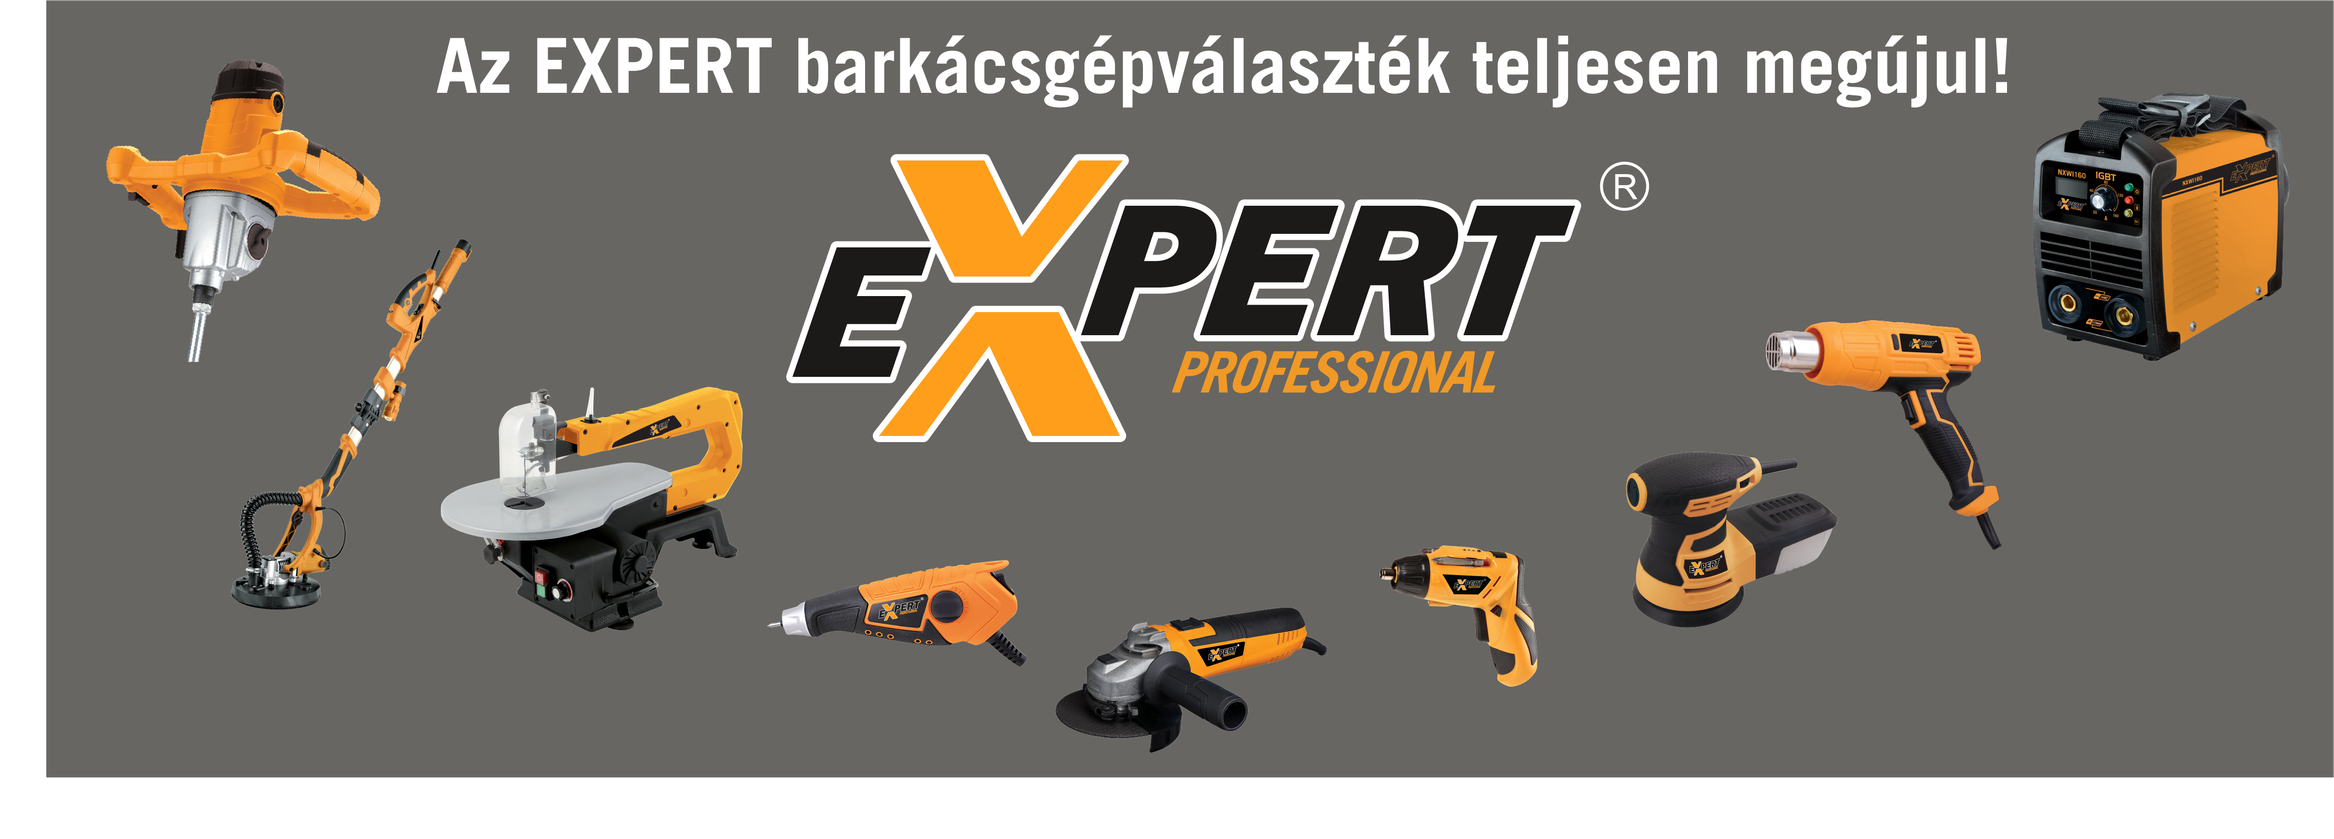 newExpert